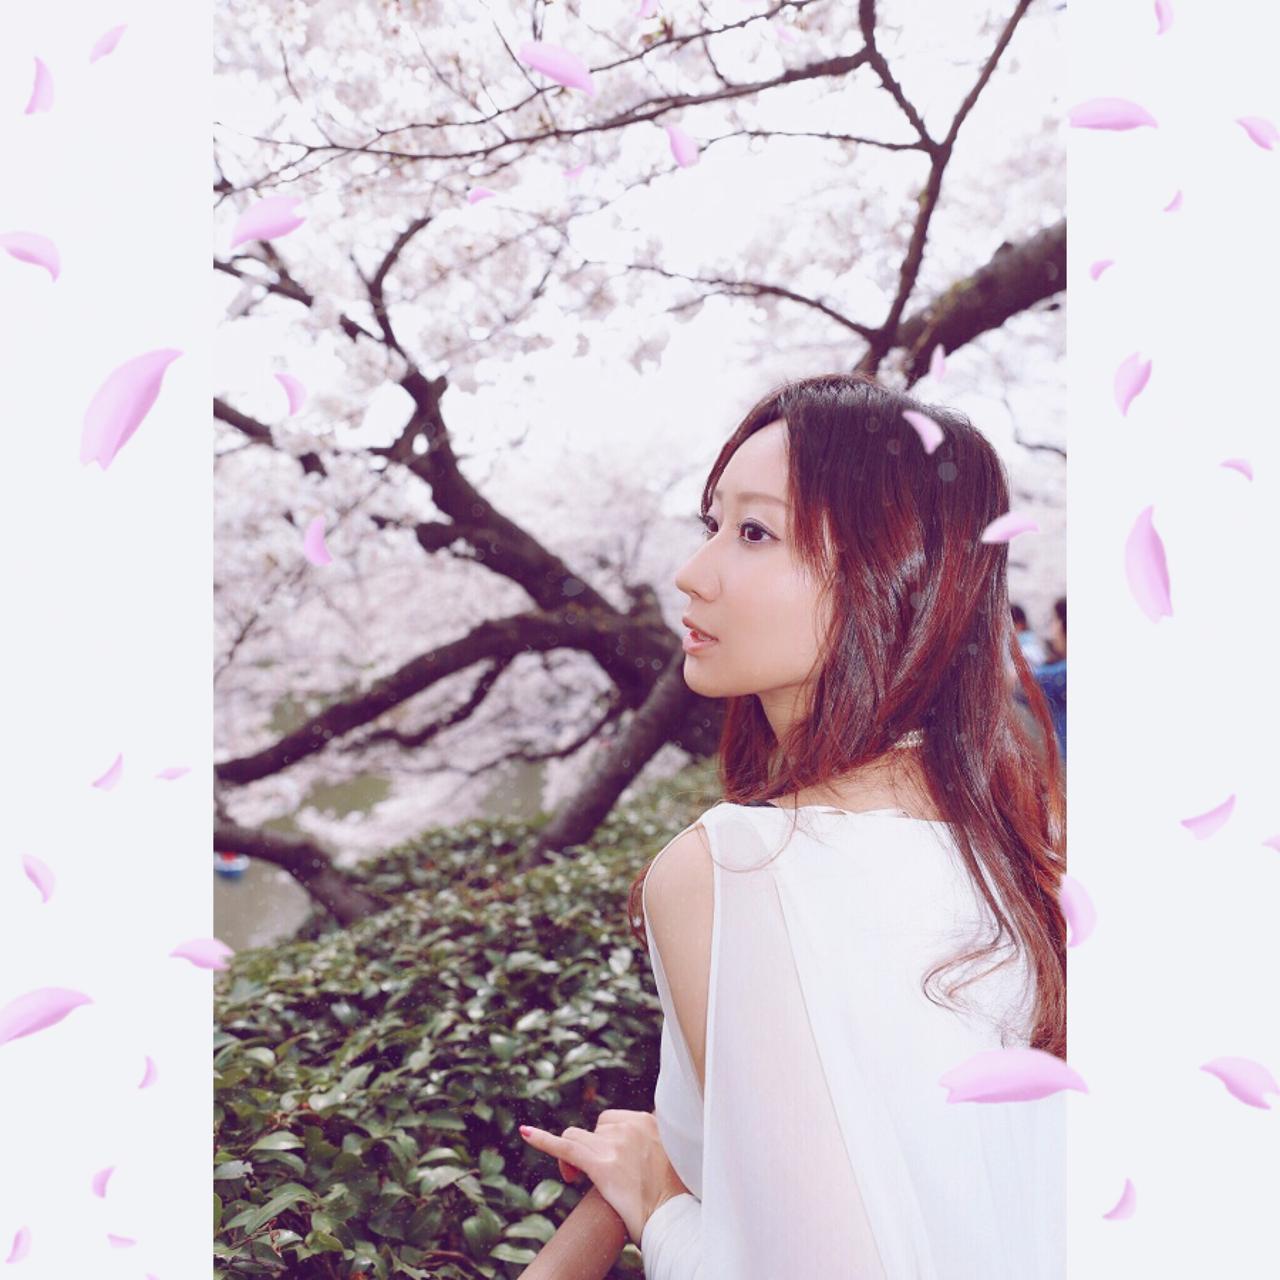 画像: いよいよ桜も開花♡ミク様的絶対行っておきたい春のイベント!【水曜日のミク様】 - LAWRENCE - Motorcycle x Cars + α = Your Life.